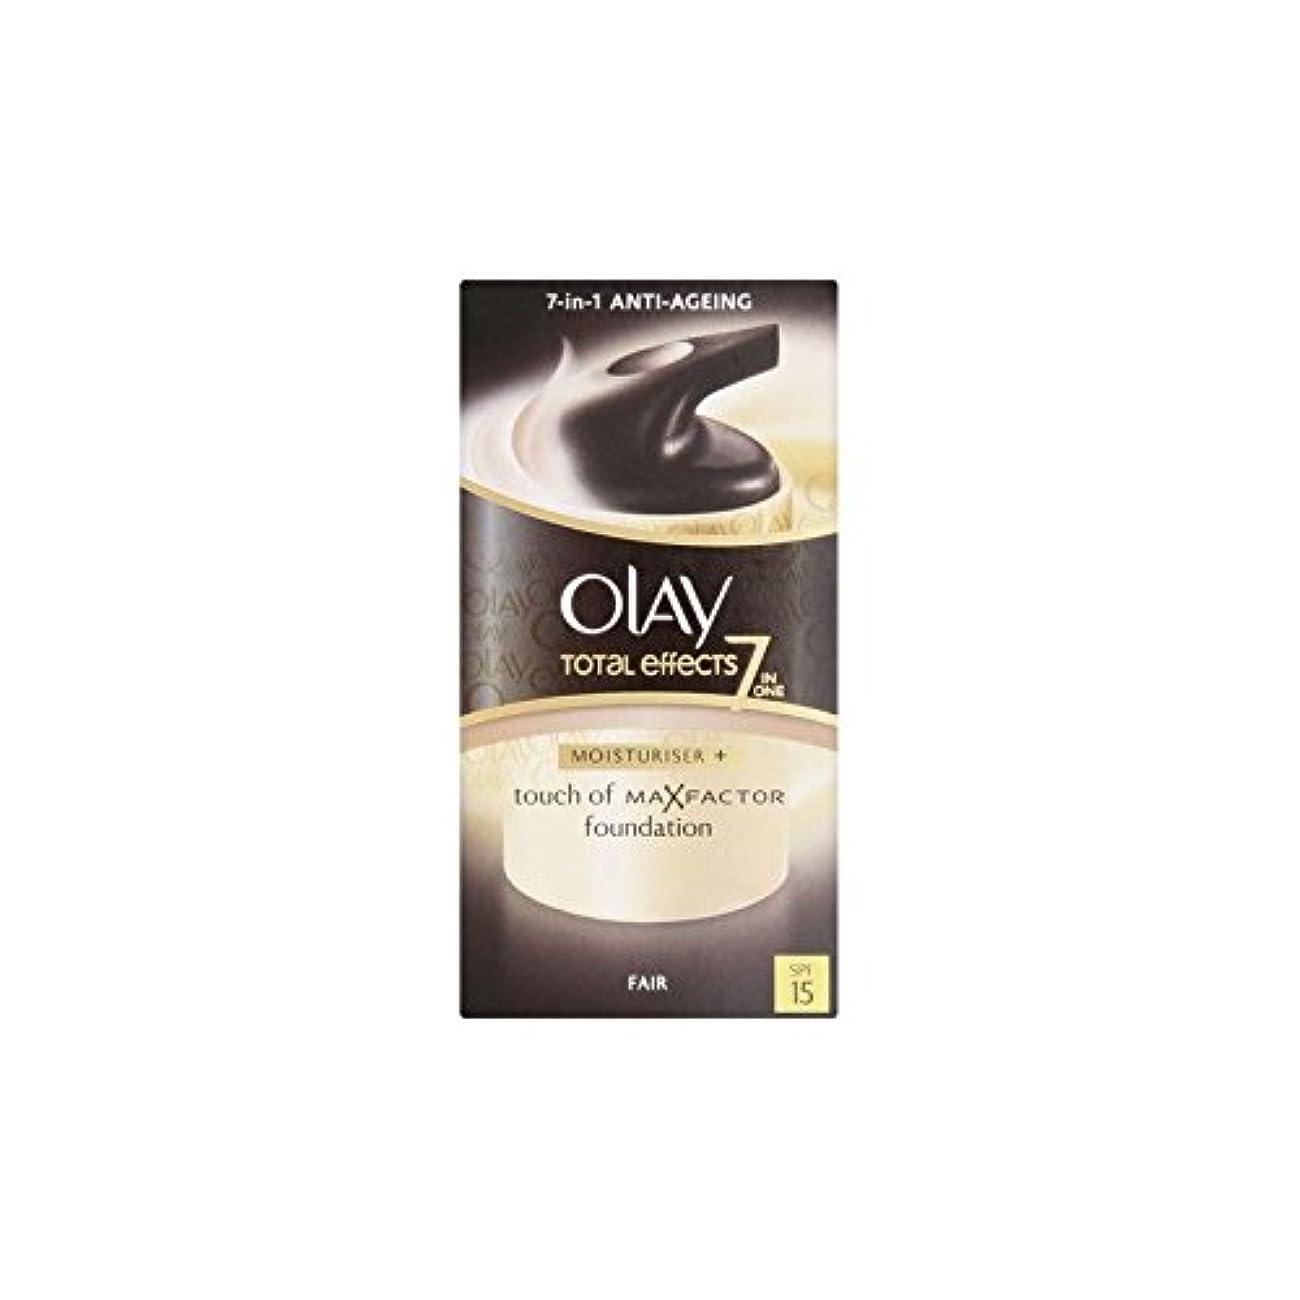 悪のために樹皮Olay Total Effects Moisturiser Bb Cream Spf15 - Fair (50ml) - オーレイトータルエフェクト保湿クリーム15 - フェア(50ミリリットル) [並行輸入品]